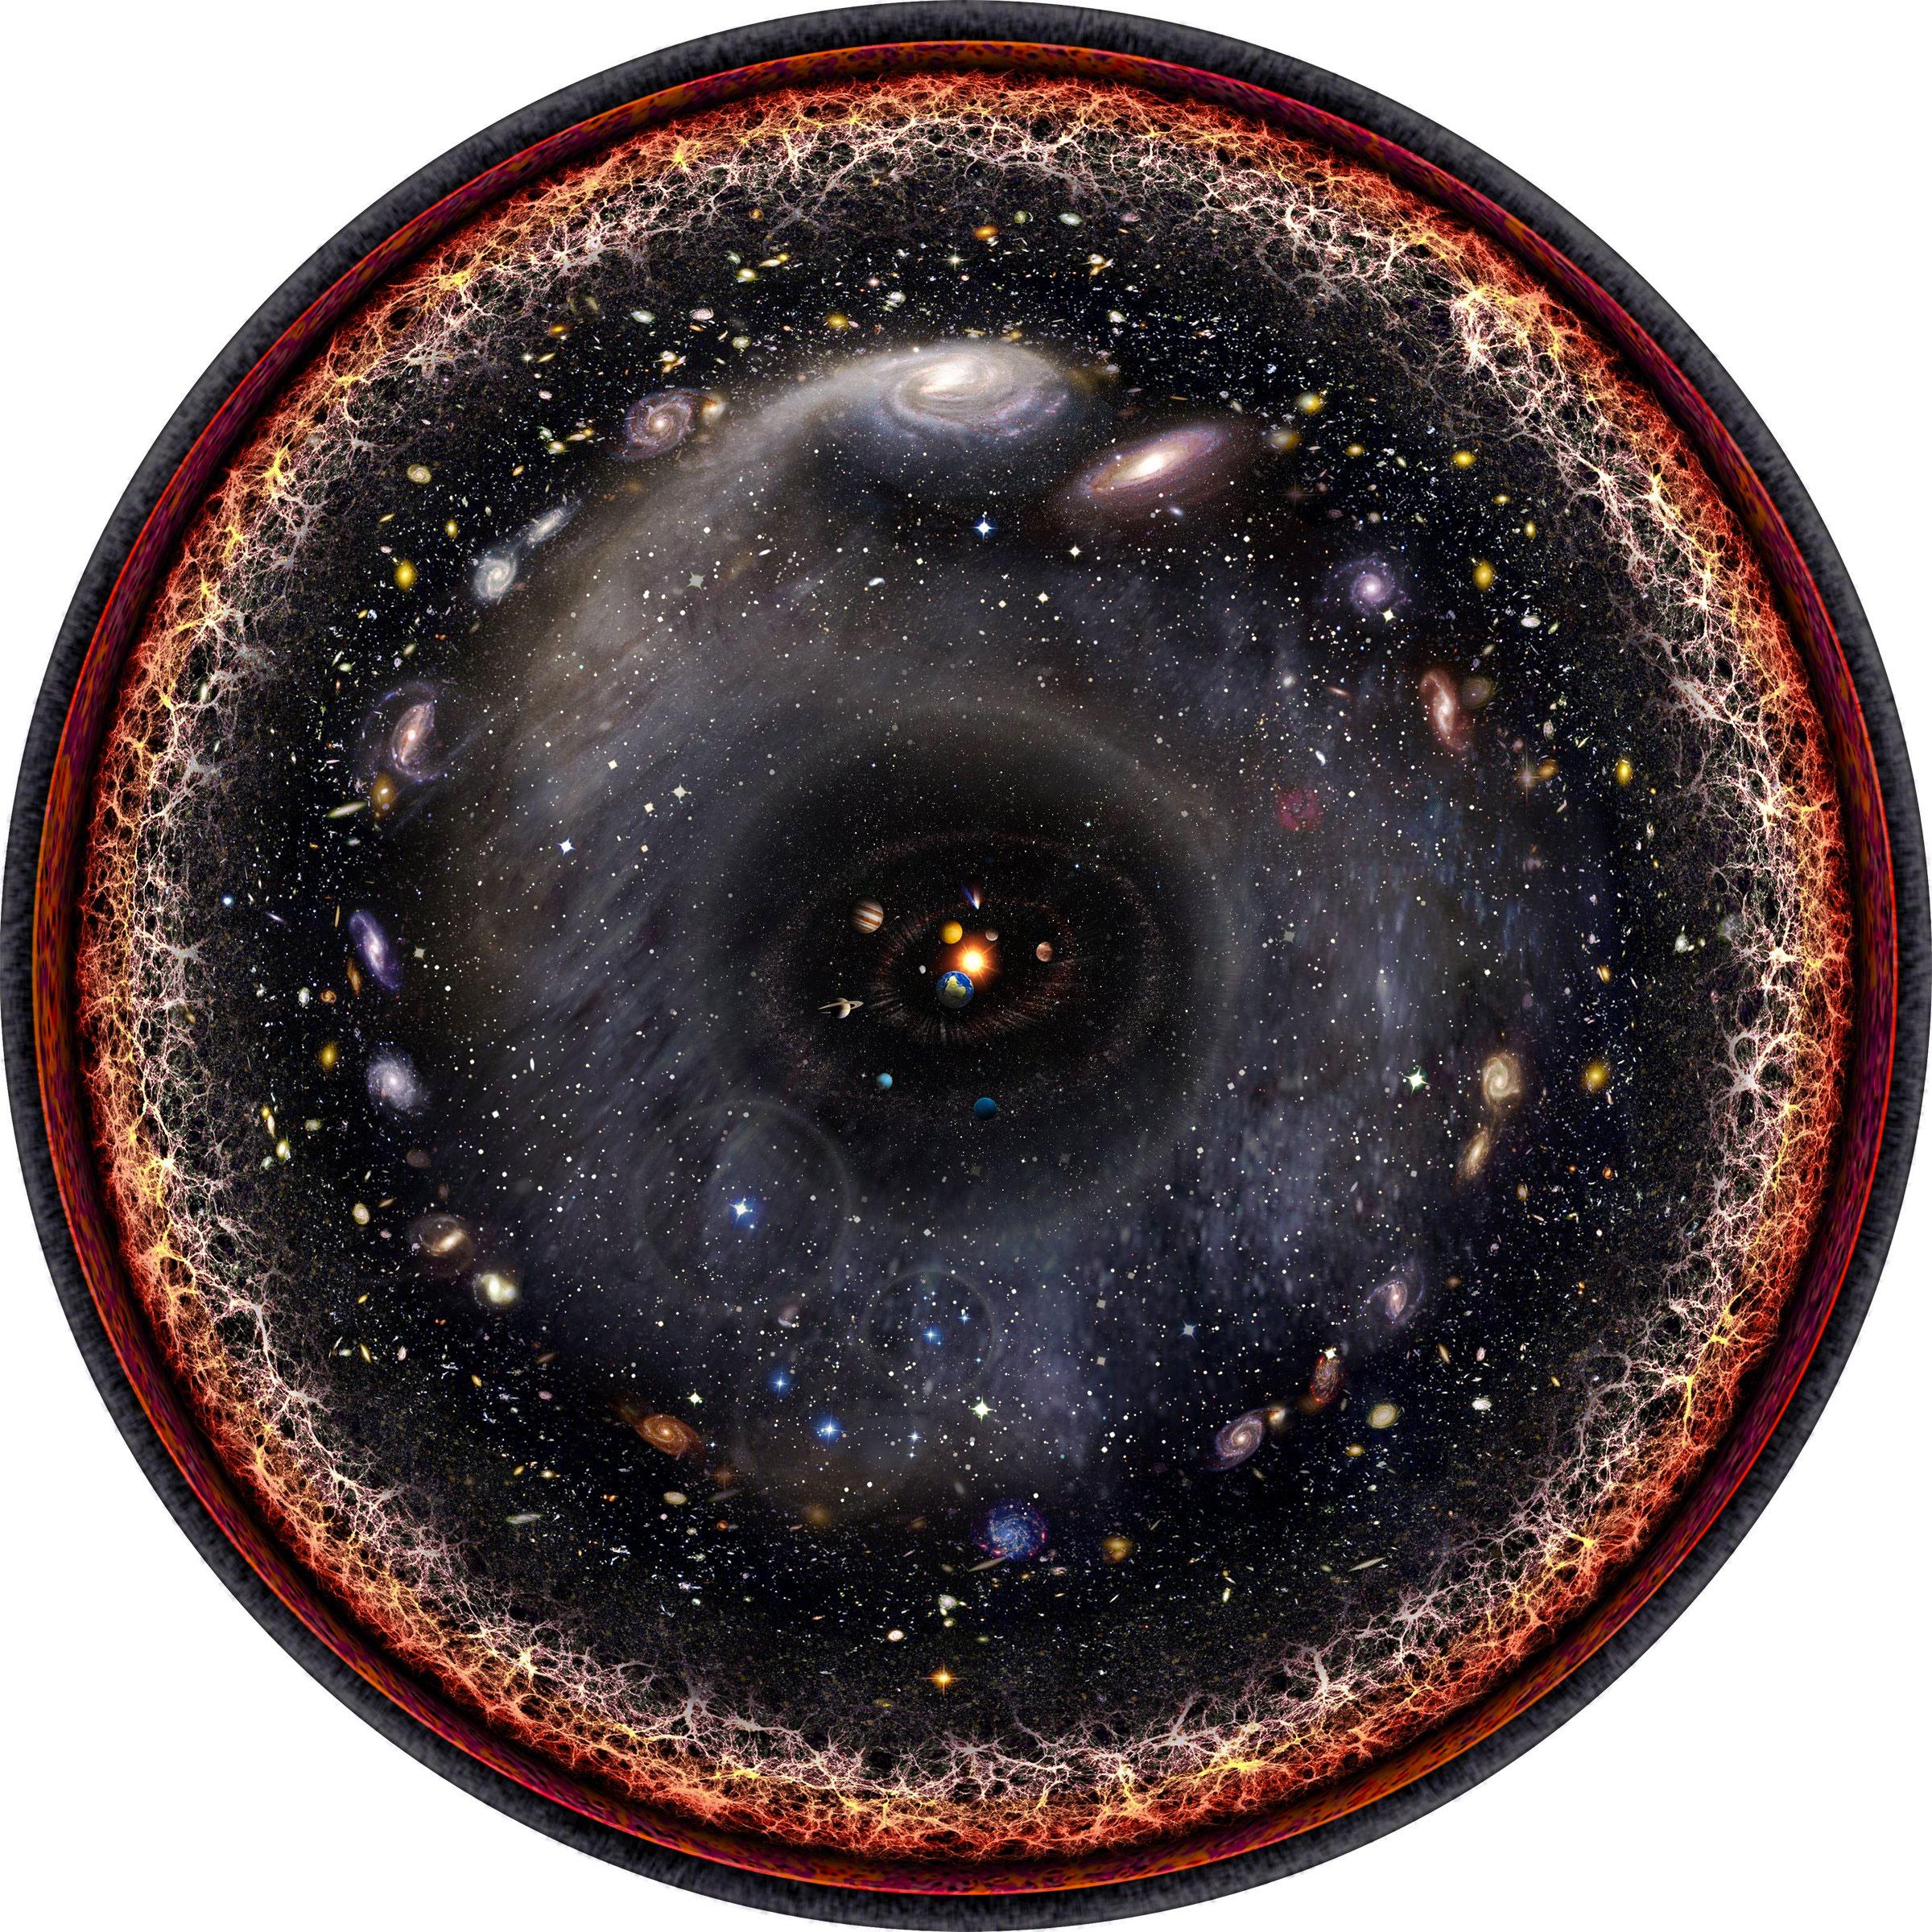 BorradorPublican un mapa logarítmico de todo el universo conocido en una sola imagen. ¡INCREÍBLE! creado el 18 January 2016 a las 12:56